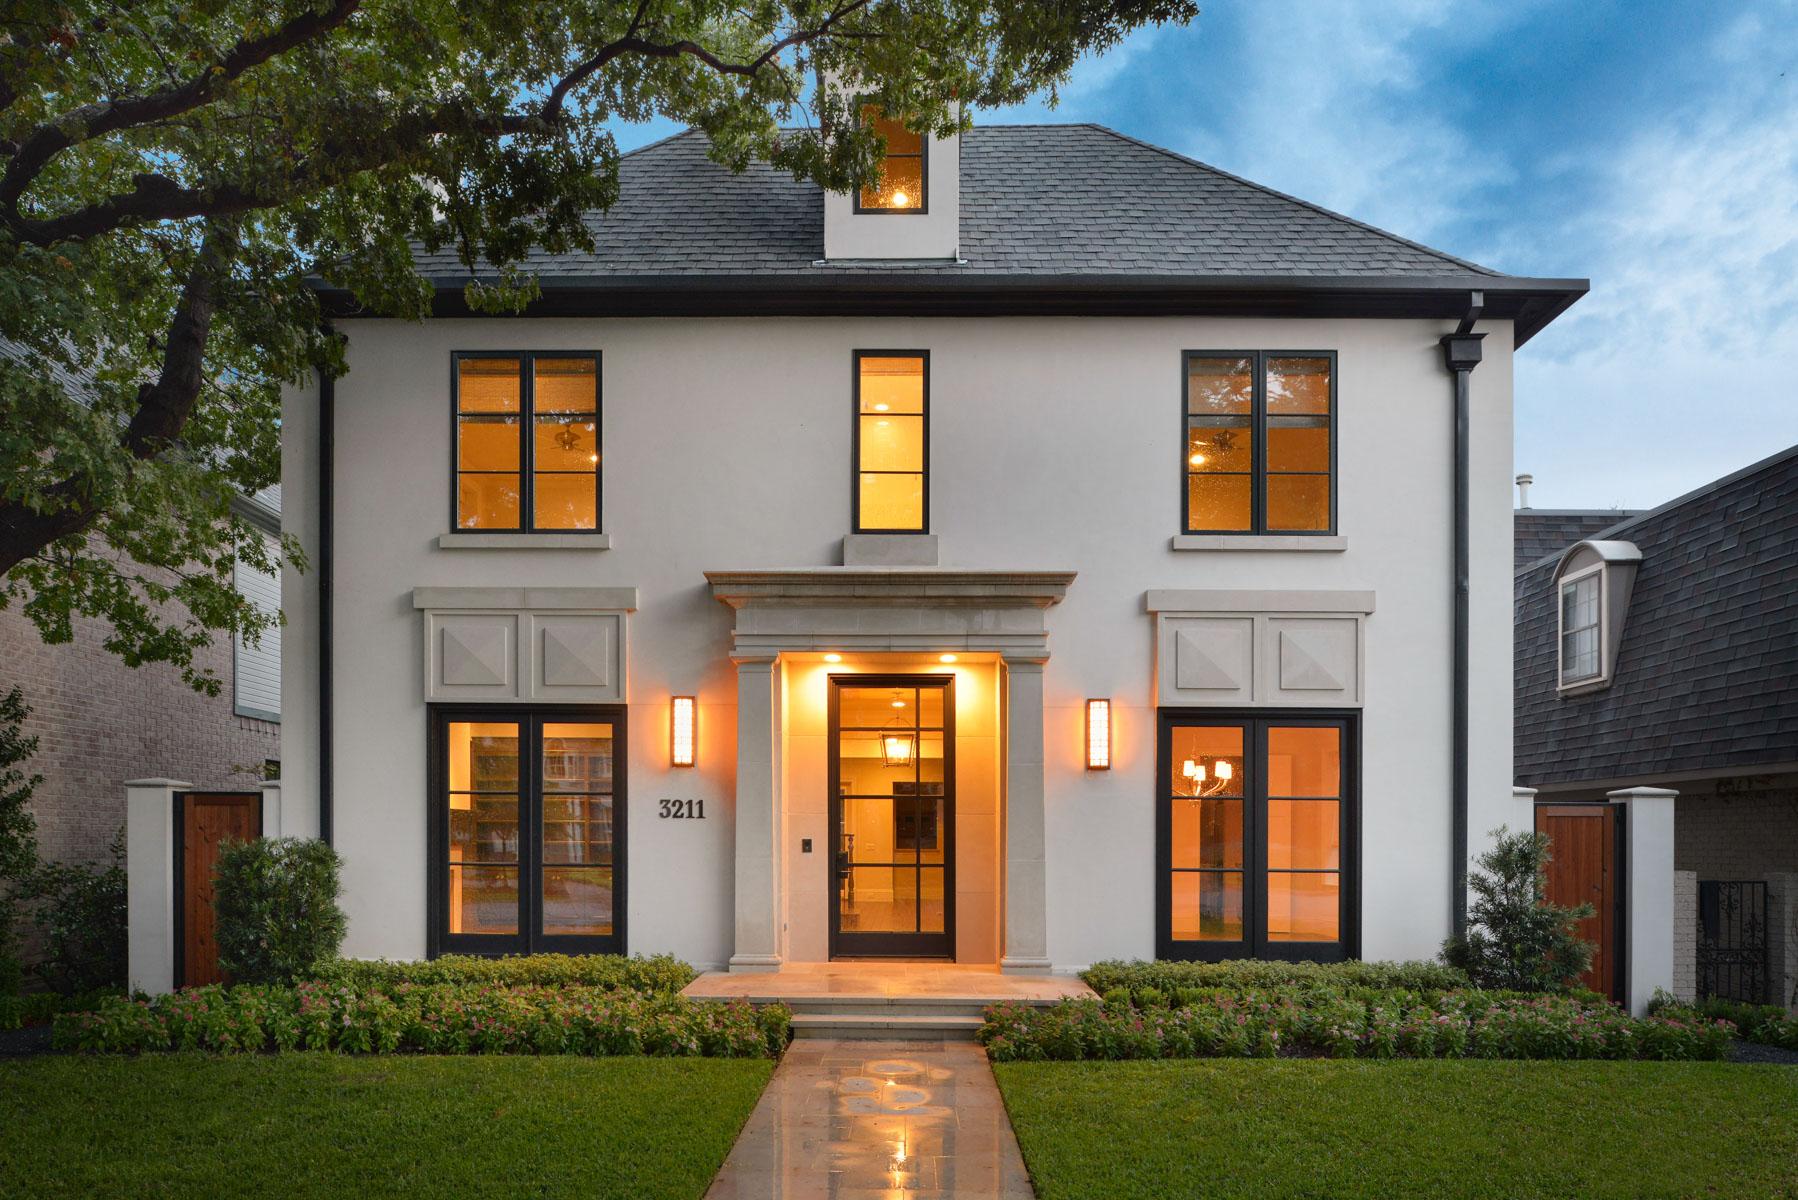 Einfamilienhaus für Verkauf beim Highland Park New Construction 3211 Drexel Dallas, Texas, 75205 Vereinigte Staaten